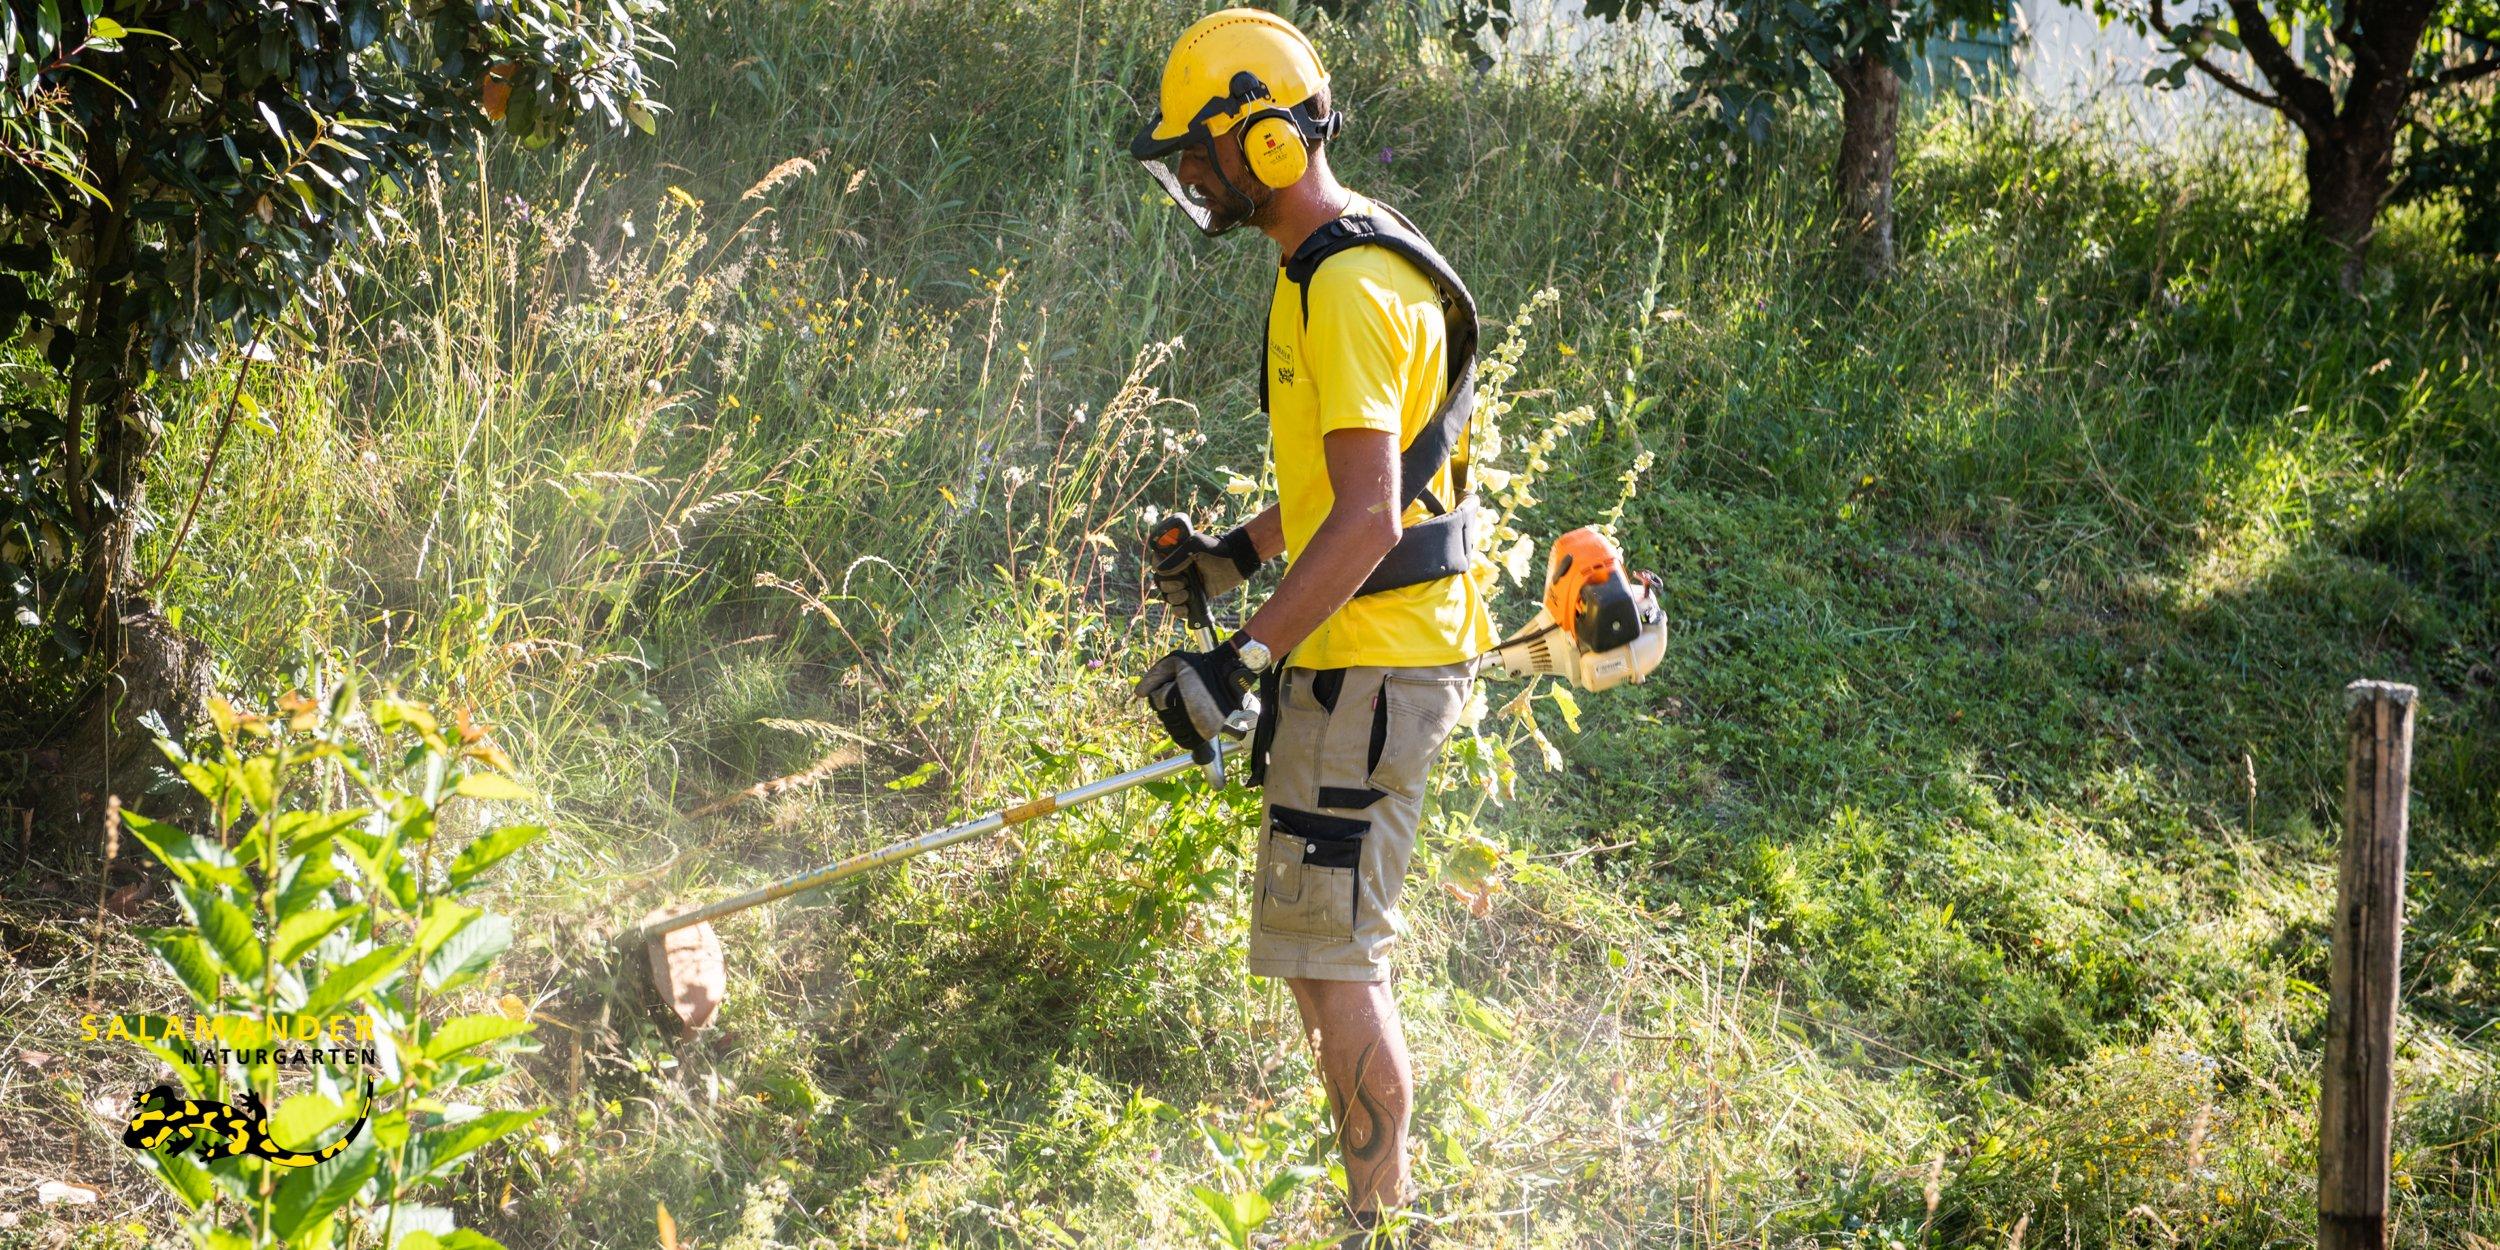 Wir bauen und pflegen naturnahe Gartenanlagen im gehobenen Privatsektor